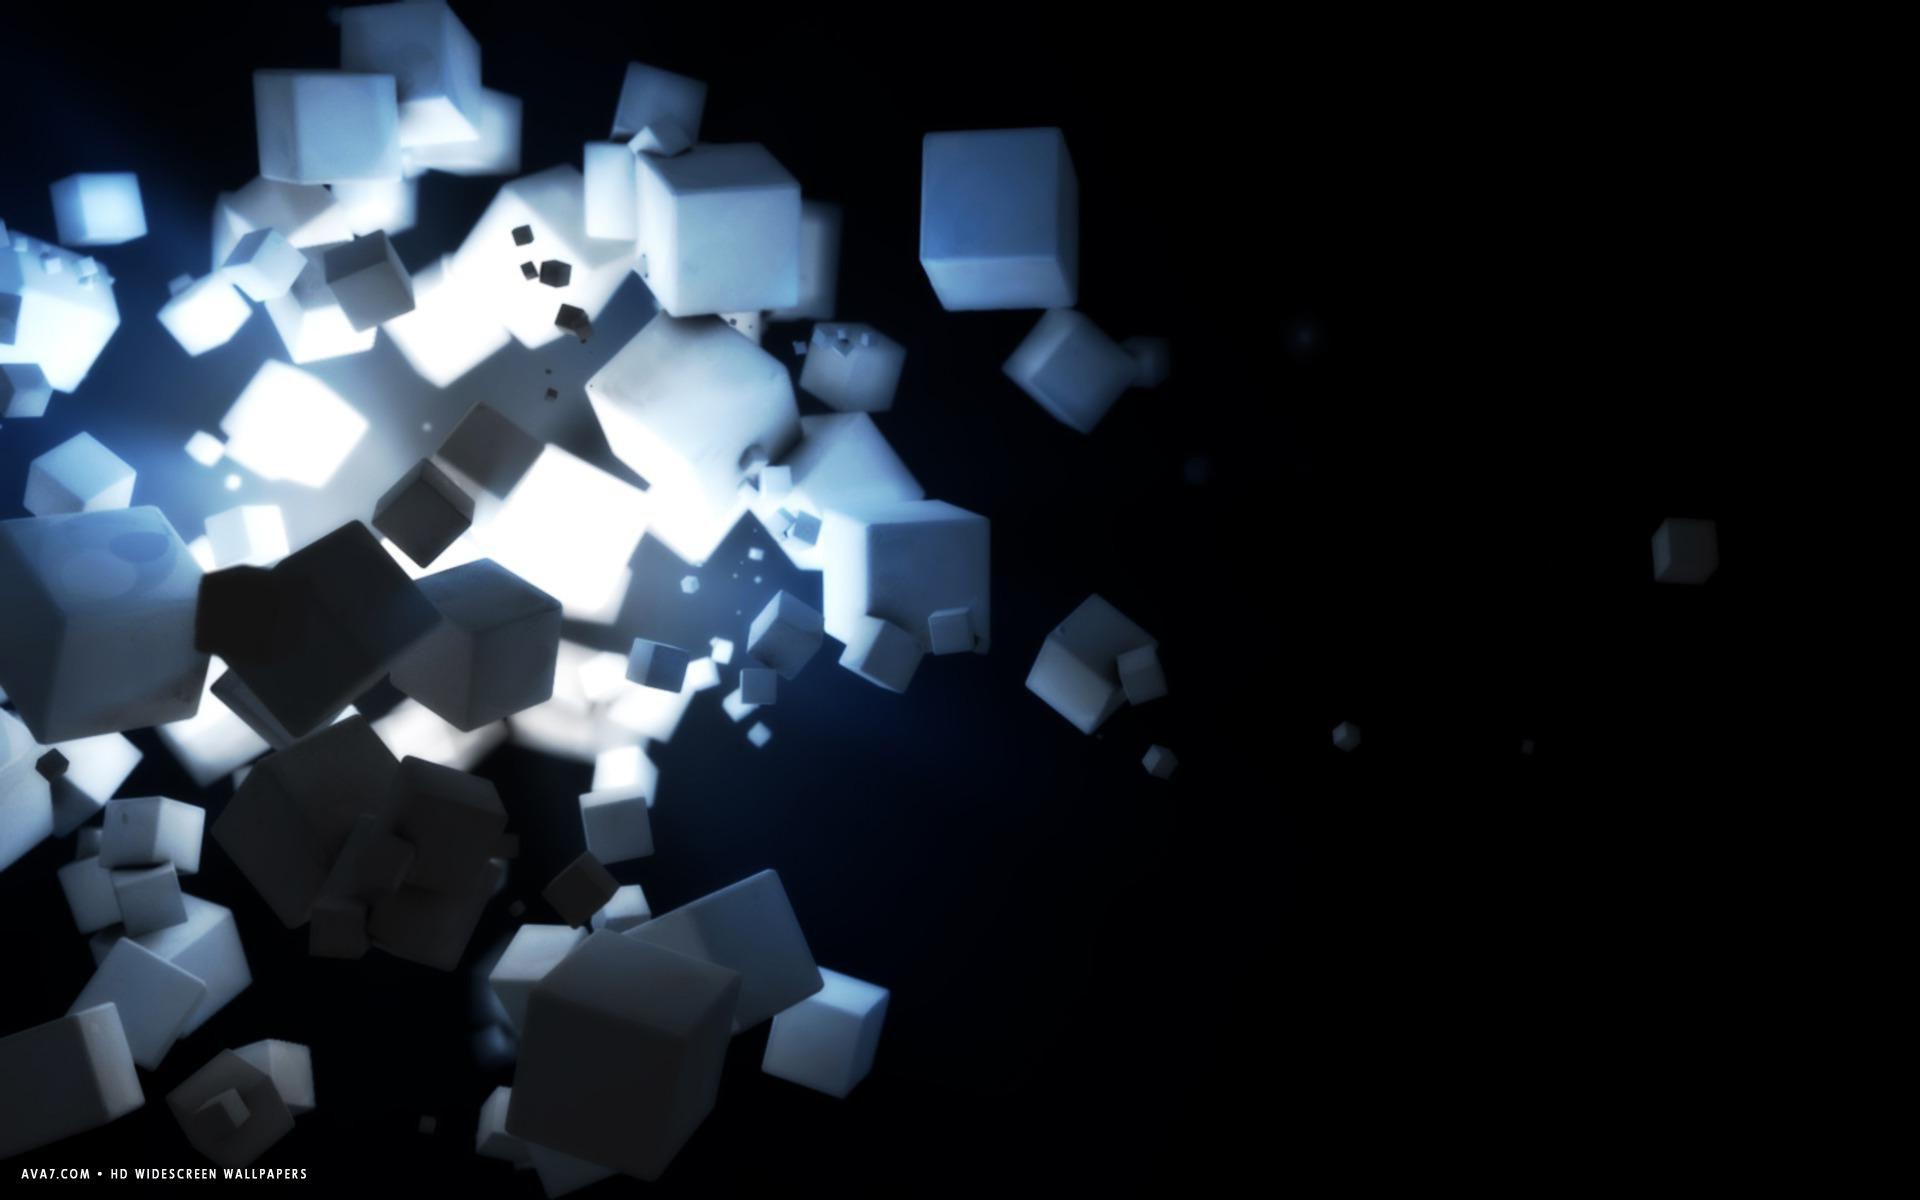 3d ice sugar cubes explosion light hd widescreen wallpaper